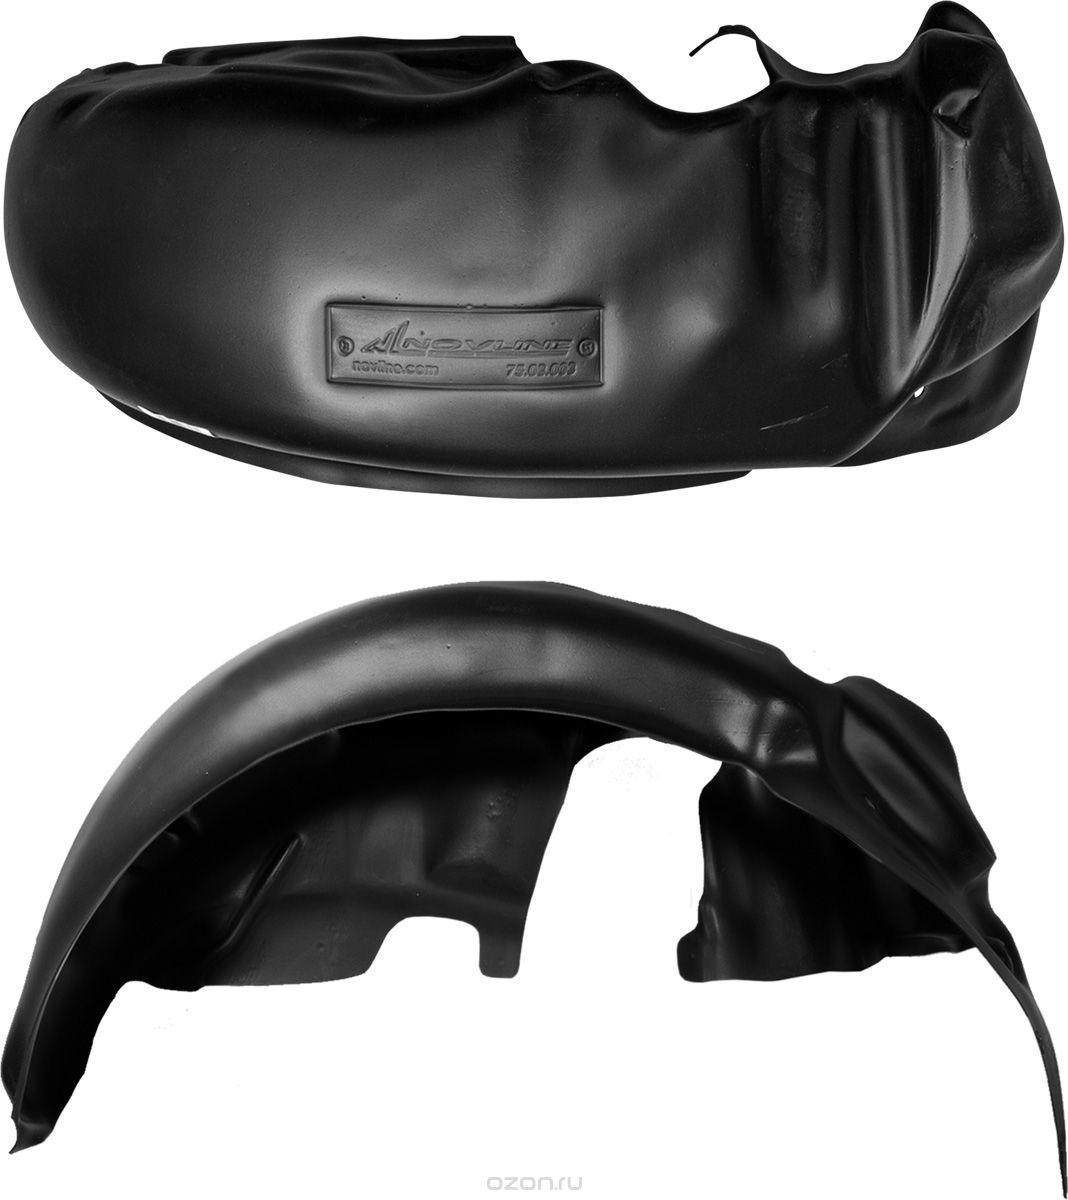 Подкрылок Novline-Autofamily, для Renault Koleos, 2015->, кроссовер, задний левыйNLL.41.39.003Идеальная защита колесной ниши. Локеры разработаны с применением цифровых технологий, гарантируют максимальную повторяемость поверхности арки. Изделия устанавливаются без нарушения лакокрасочного покрытия автомобиля, каждый подкрылок комплектуется крепежом. Уважаемые клиенты, обращаем ваше внимание, что фотографии на подкрылки универсальные и не отражают реальную форму изделия. При этом само изделие идет точно под размер указанного автомобиля.